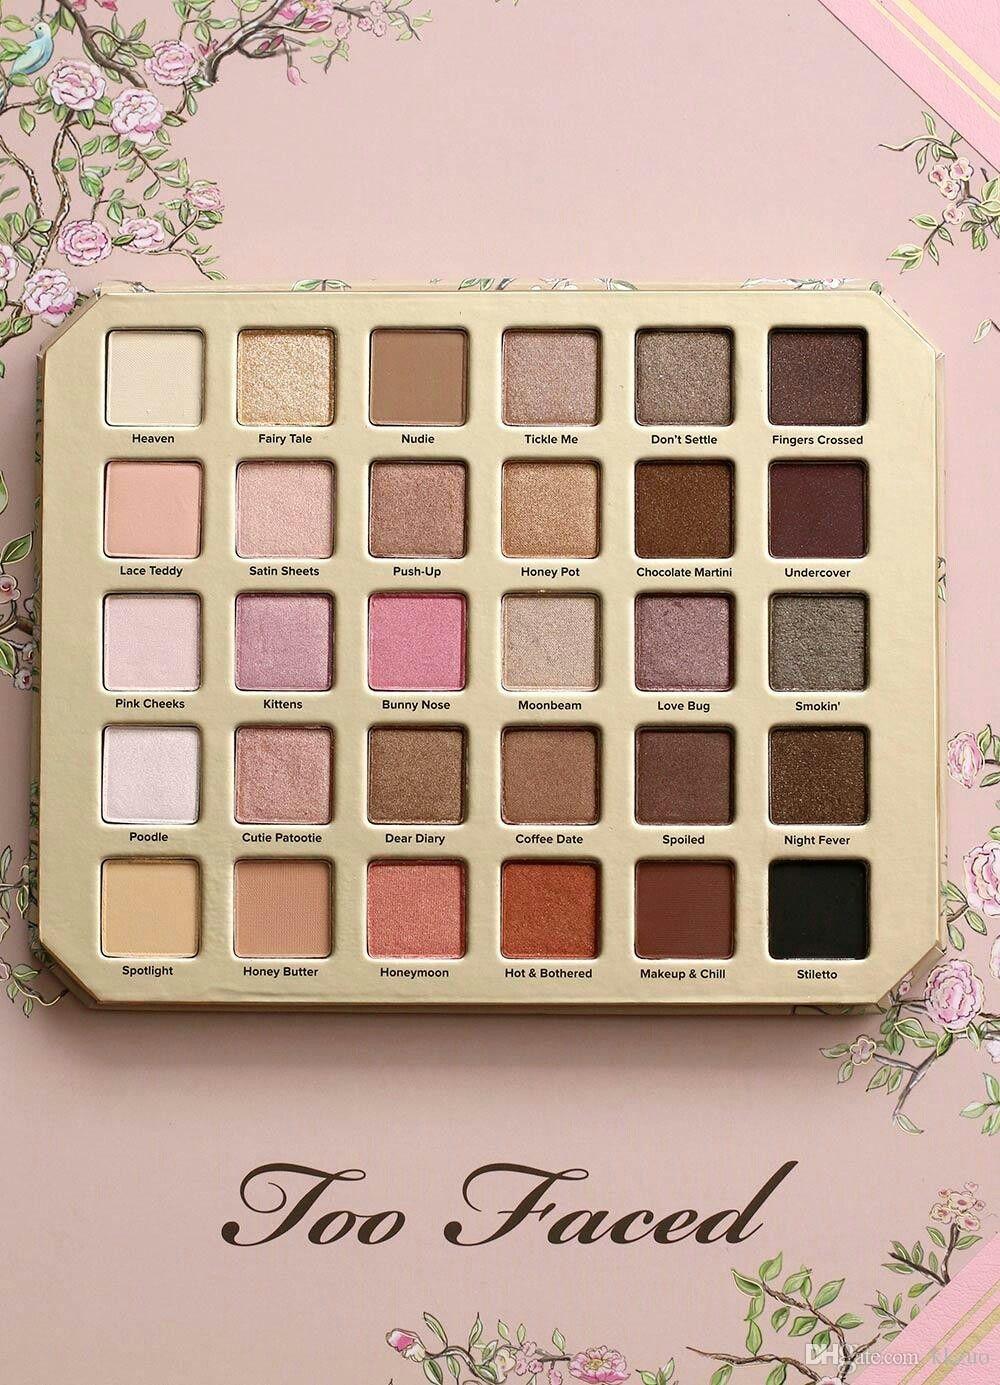 Pin by Dezy on makeup Eyeshadow, Drugstore eyeshadow